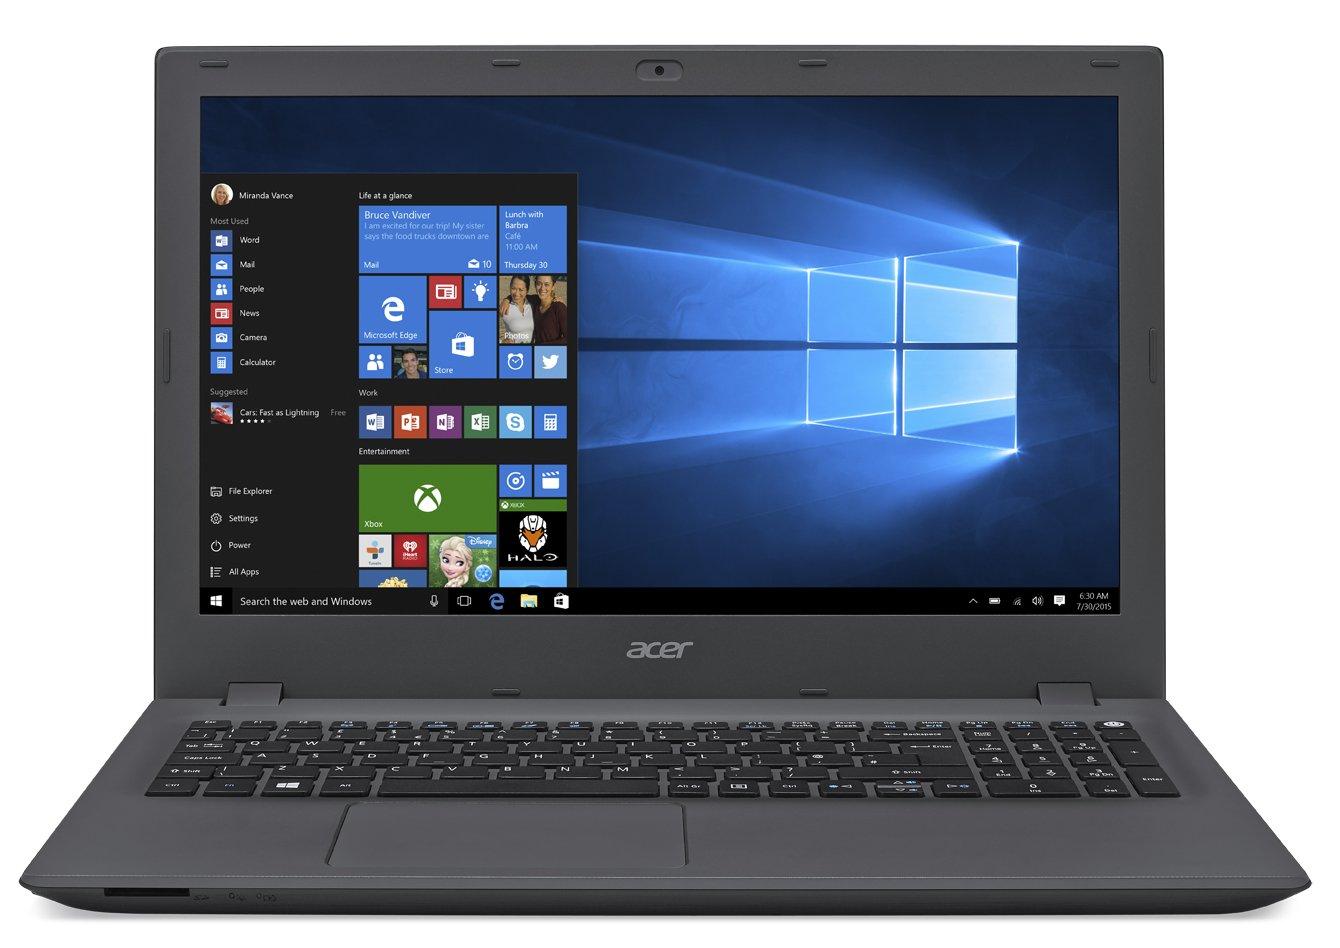 Acer Aspire K50-10 Intel WLAN Descargar Controlador